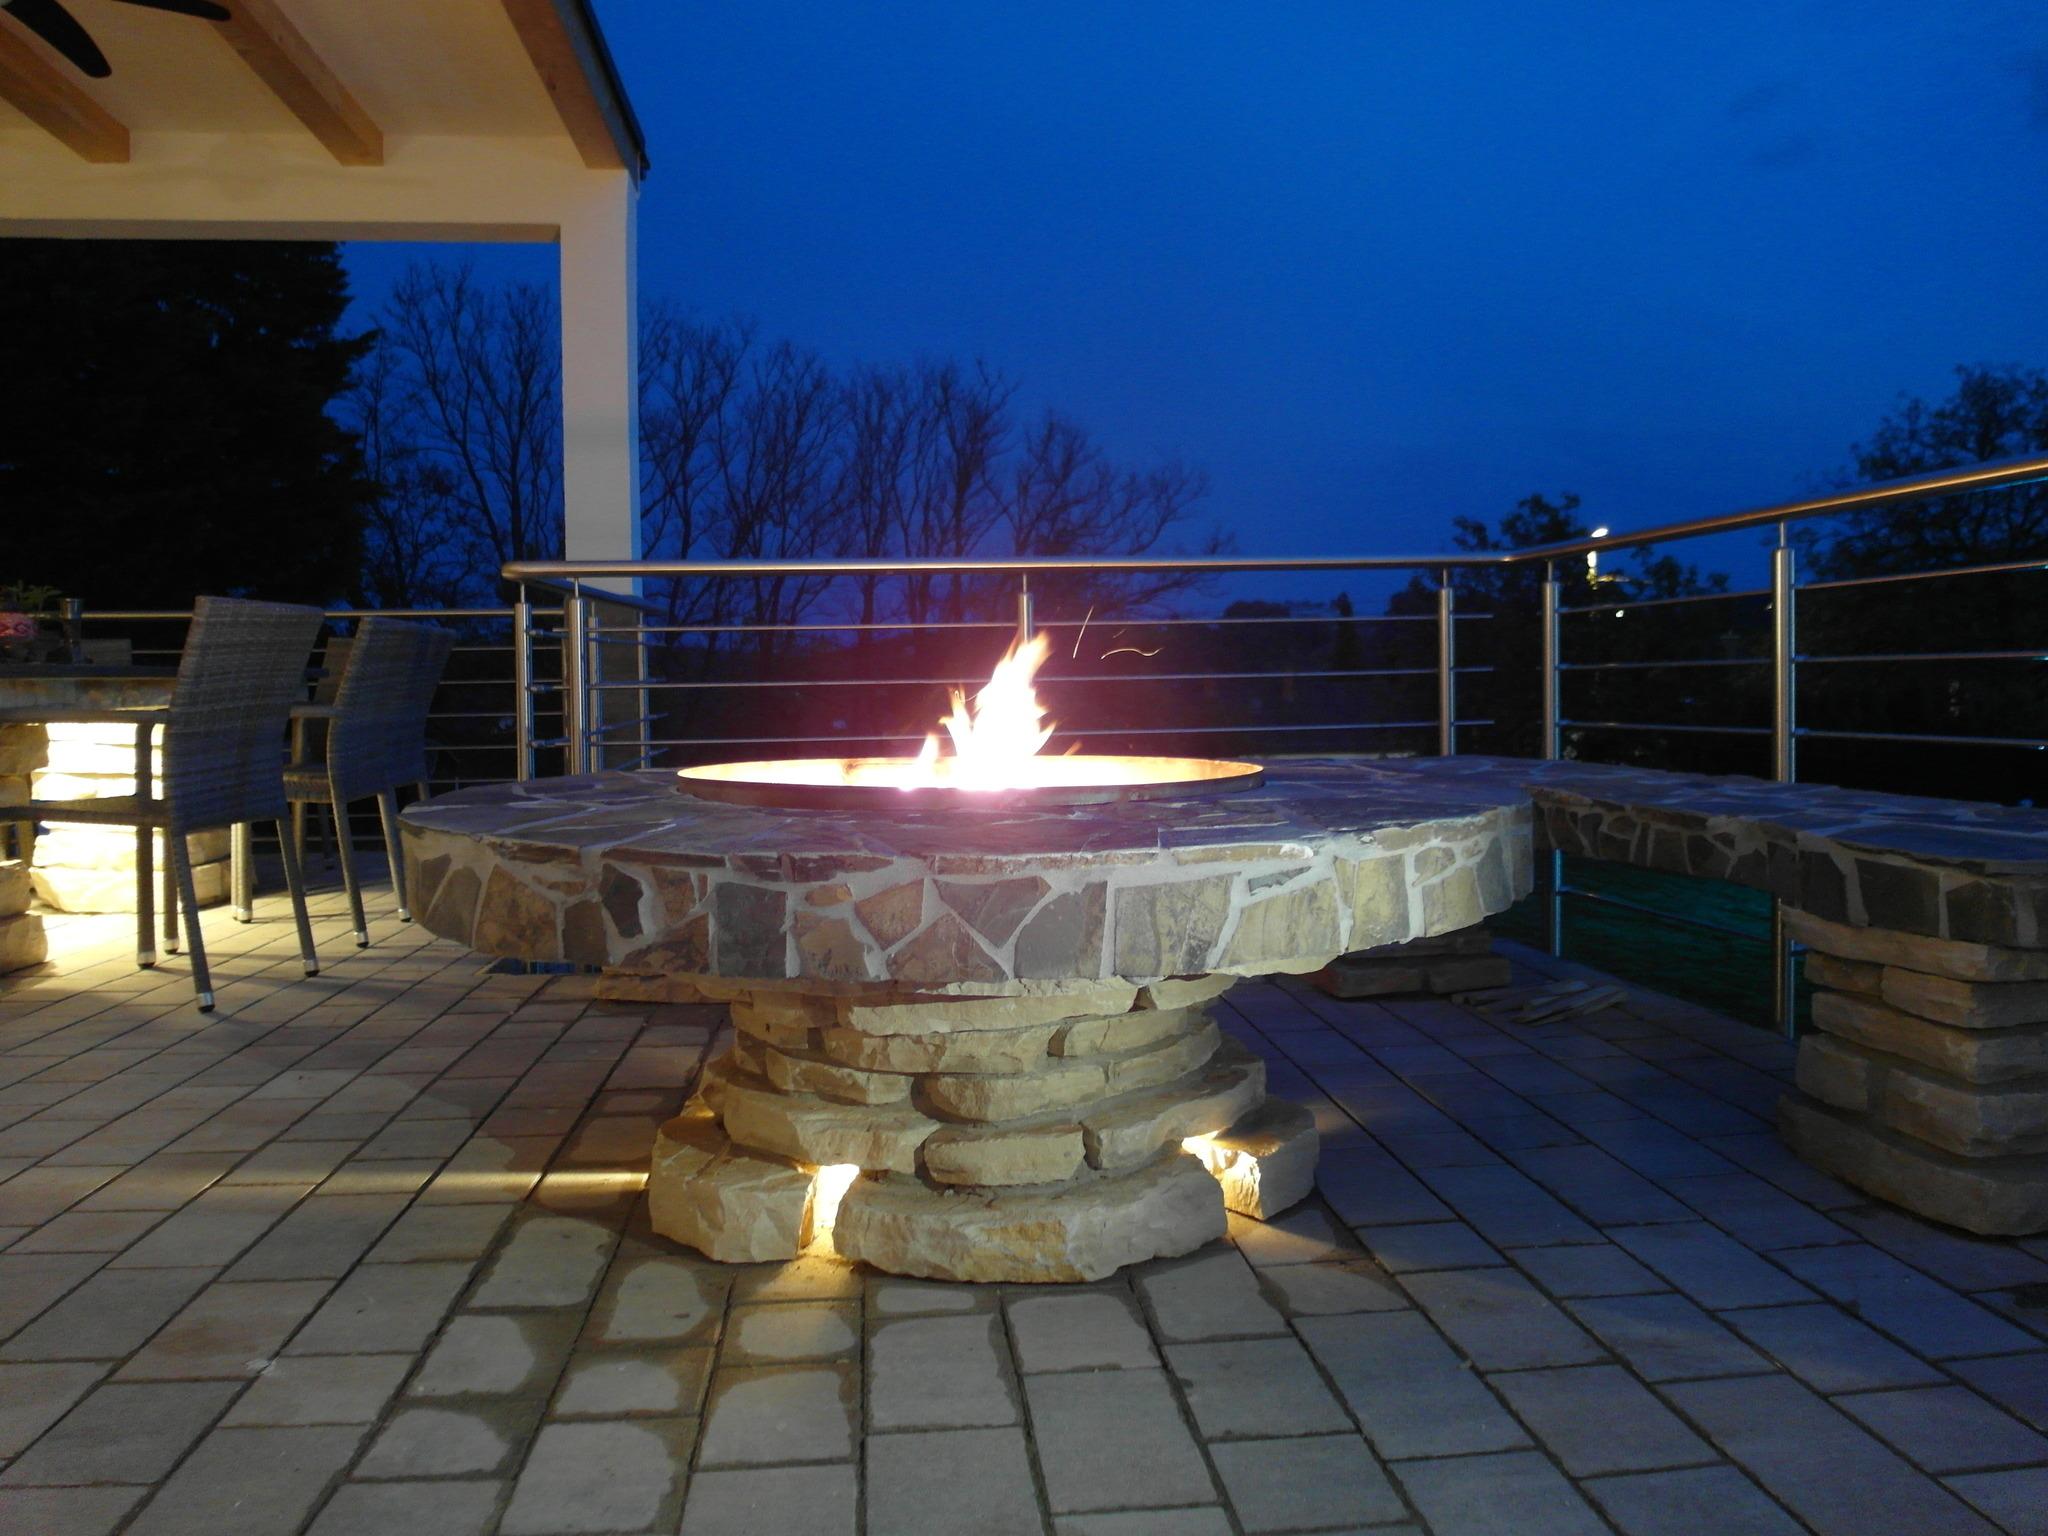 Outdoor Küchen Von Auersperg : Feuer & flamme in draßburger outdoor küche mattersburg